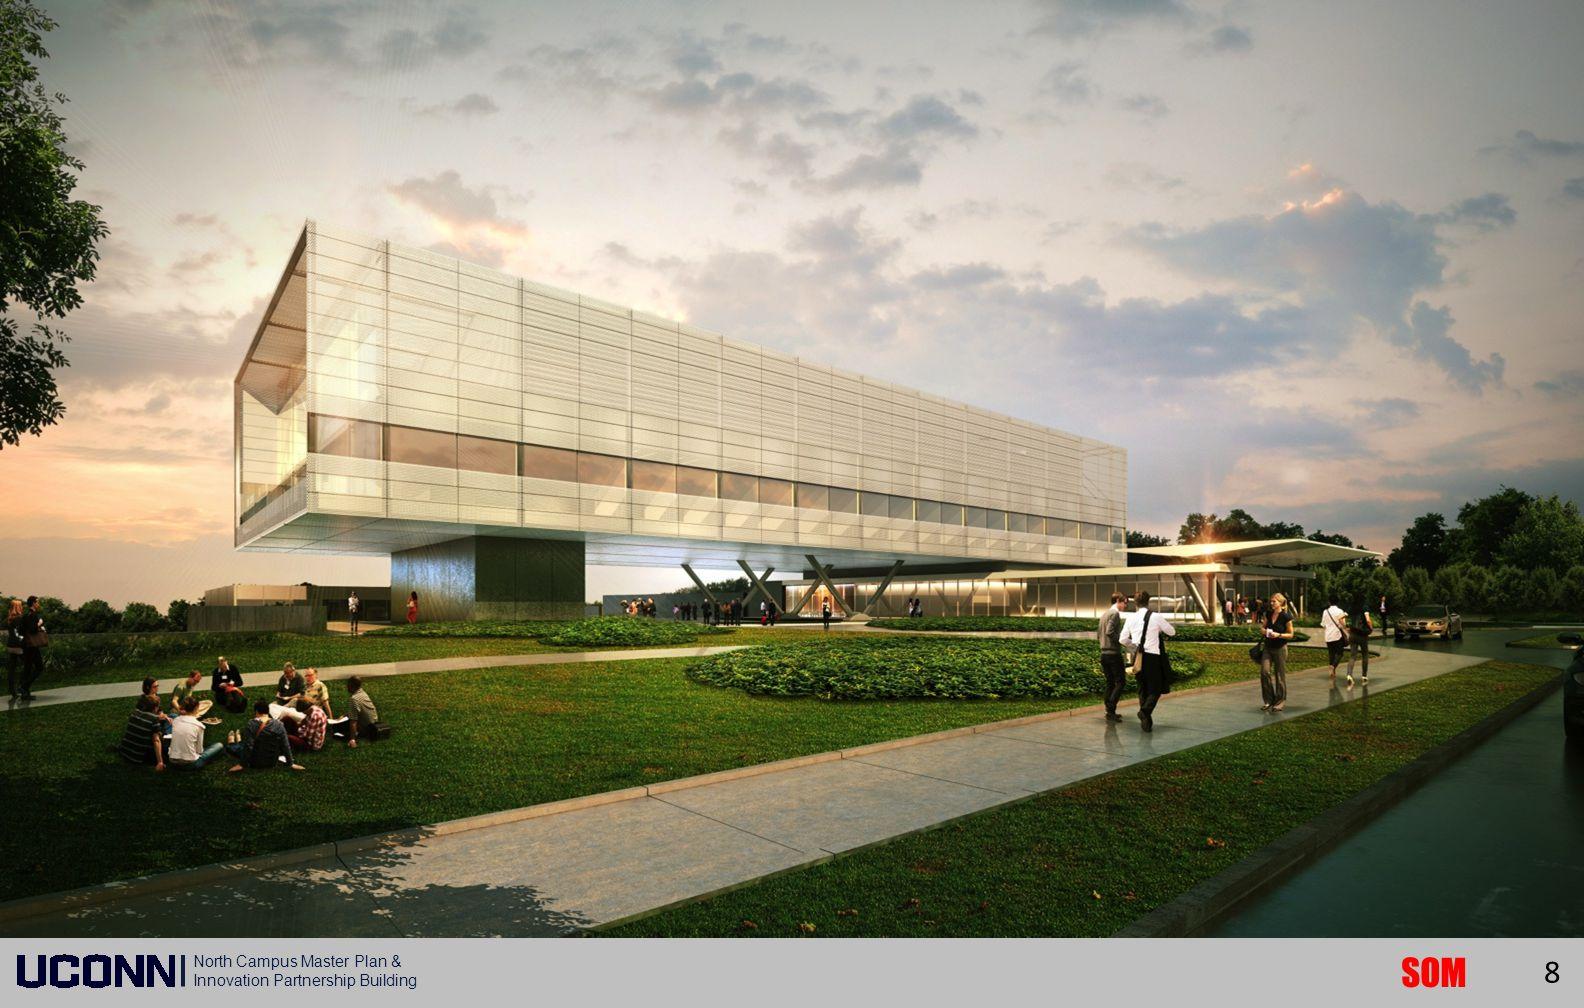 SOM North Campus Master Plan & Innovation Partnership Building 8